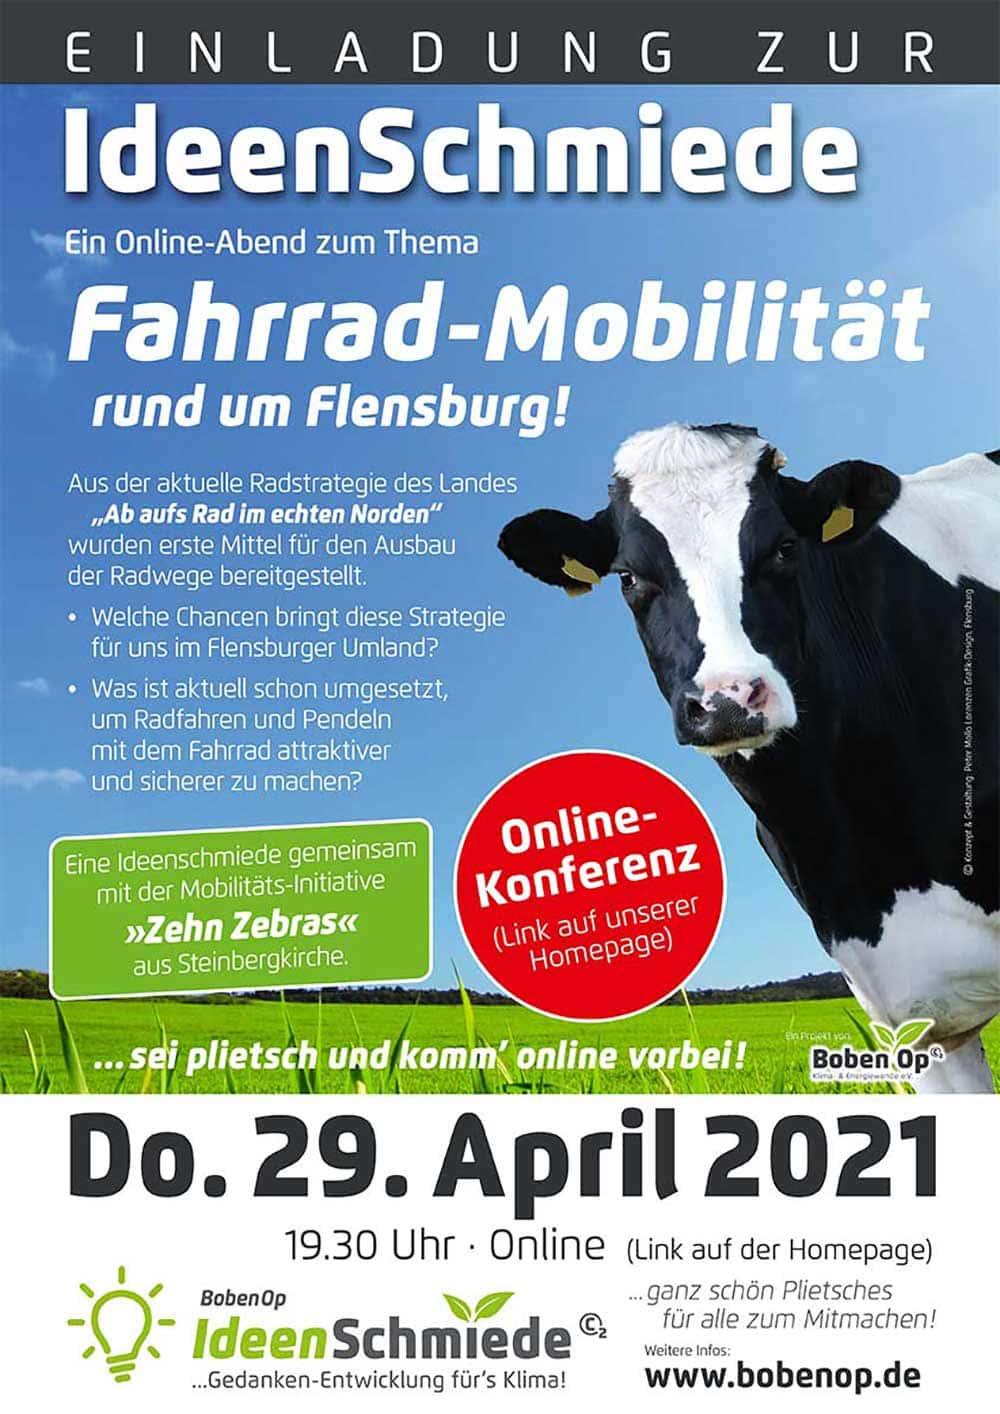 Online-Ideenschmiede BobenOp Fahrrad-Mobilität rund um Flensburg, 29.04.2021